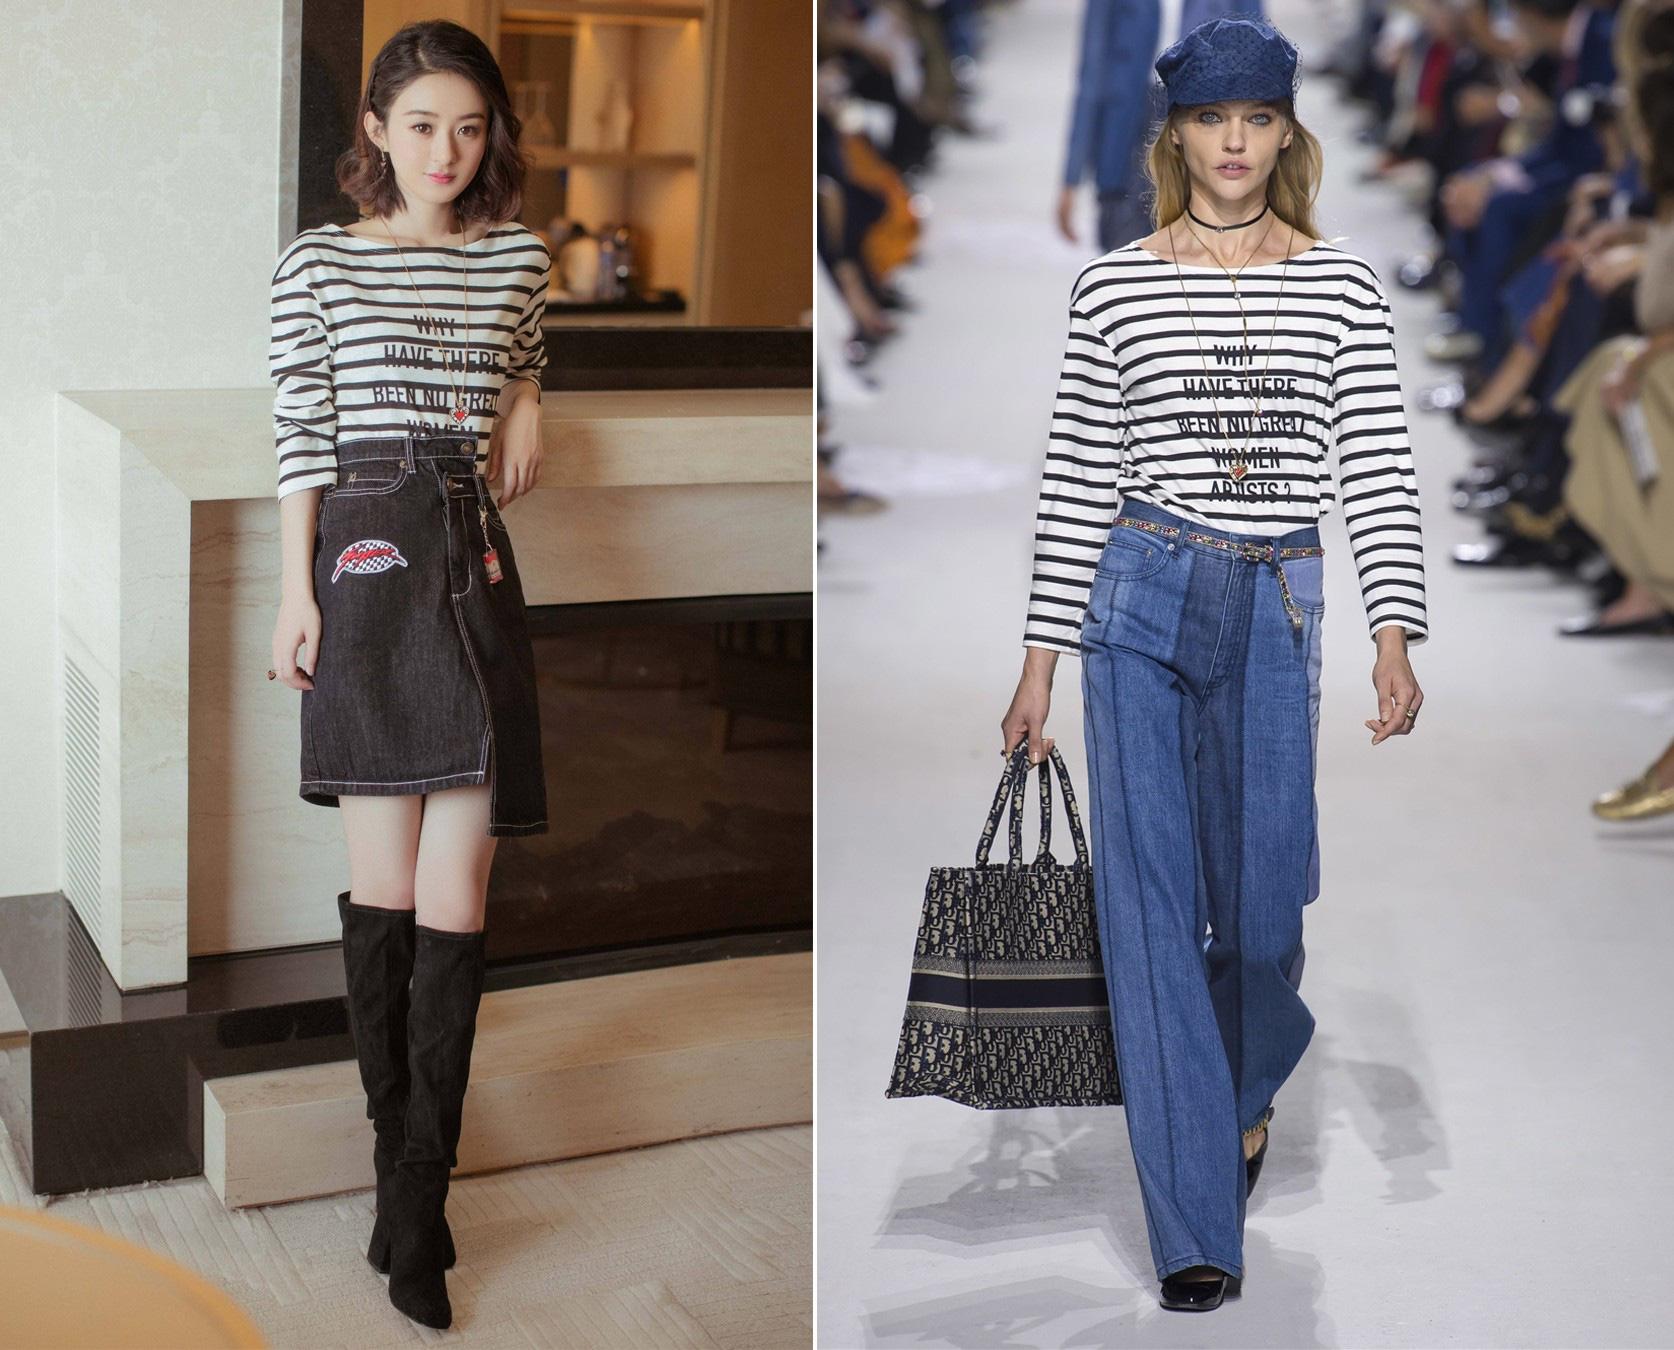 Showbiz Hoa Hàn có những sao nữ mặc đồ xịn mà như đồ chợ, thích phá hàng hiệu hơn cả phá kỷ lục Guinness - Ảnh 1.